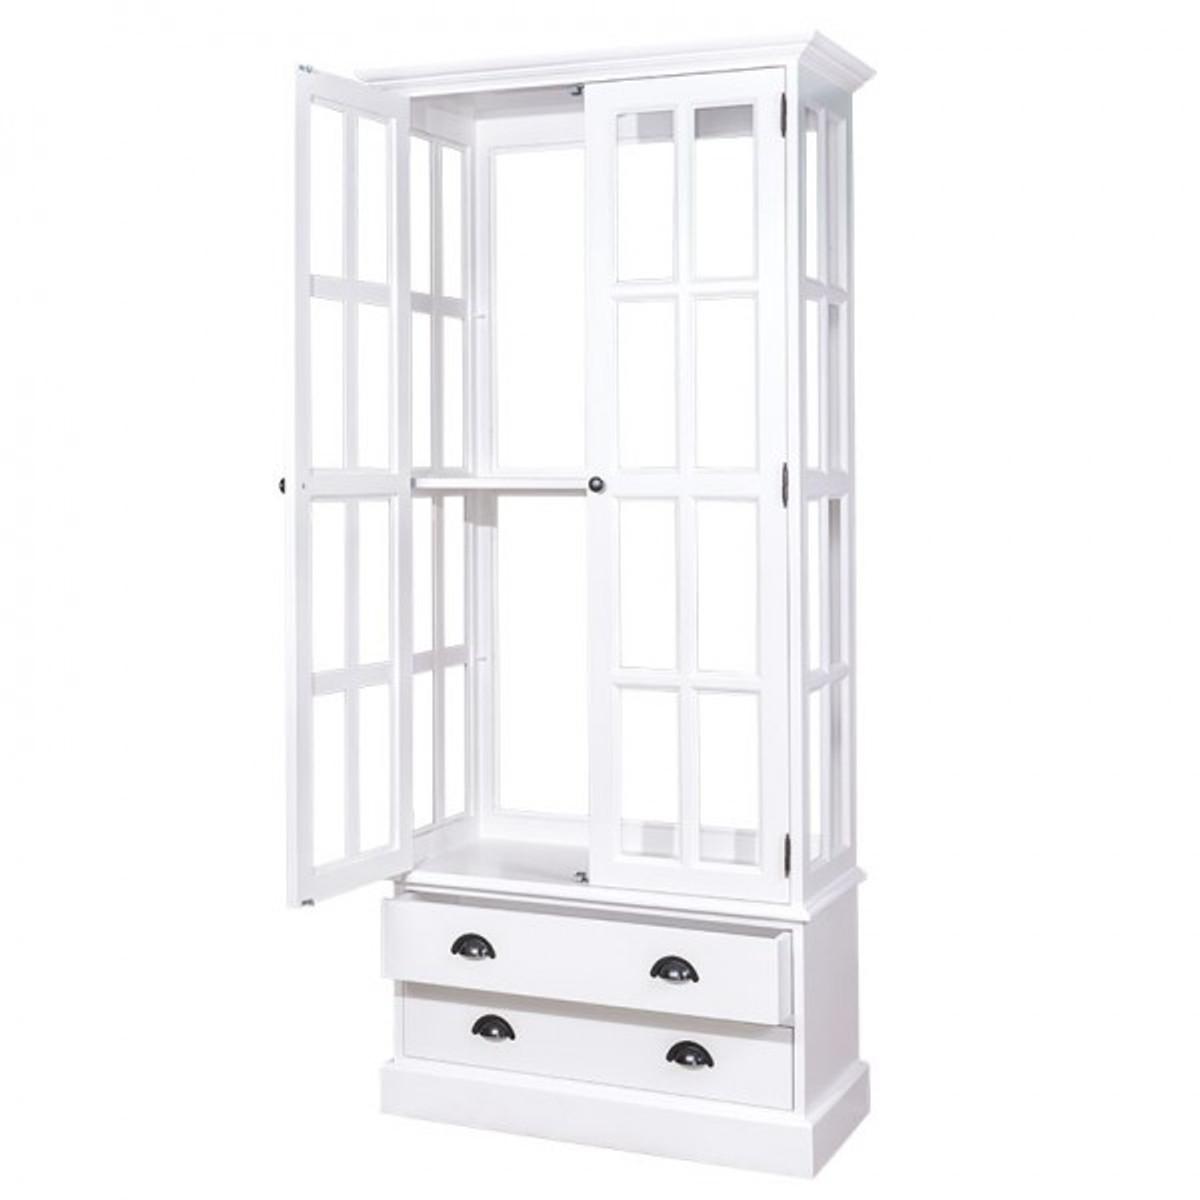 Casa Padrino Landhaus Vitrinen Schrank Küchenschrank Weiß 90 X H 200 Cm    Esszimmer Schrank Wohnzimmer